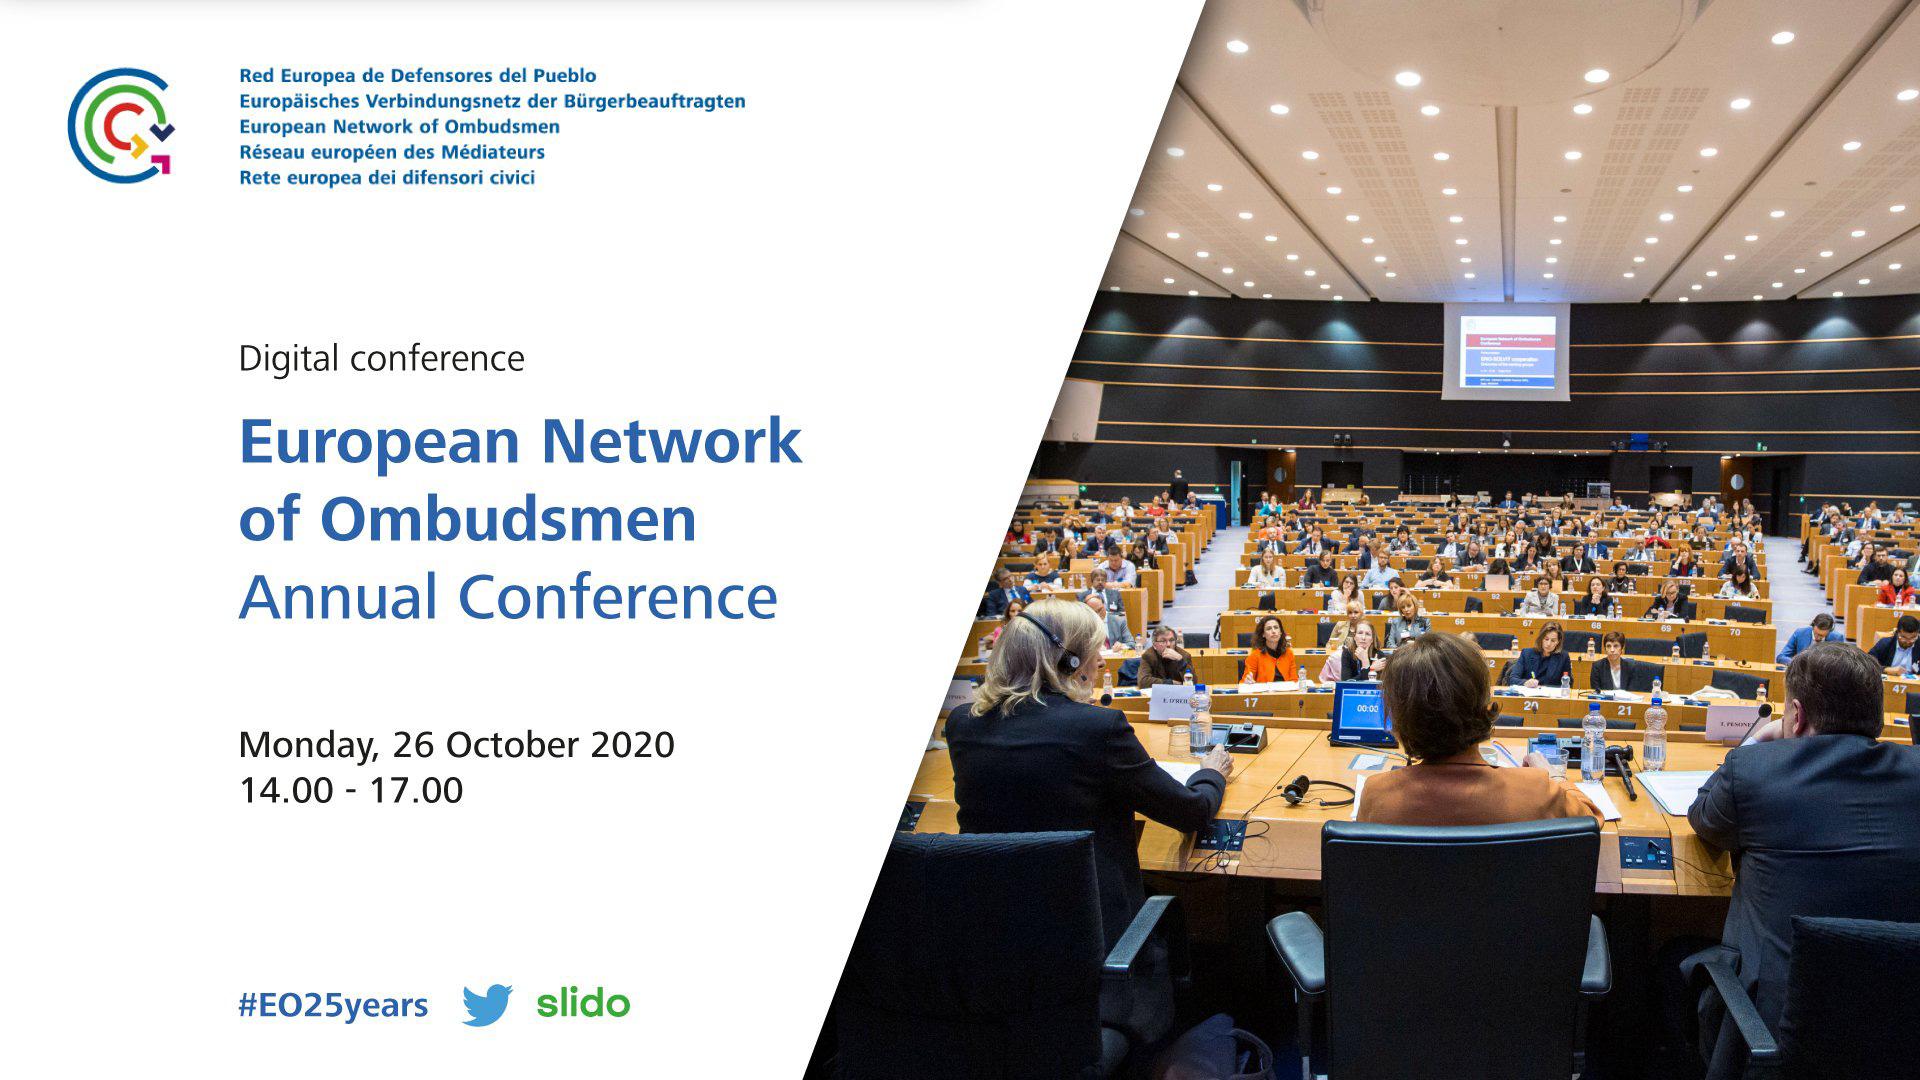 Europos ombudsmenų tinklas